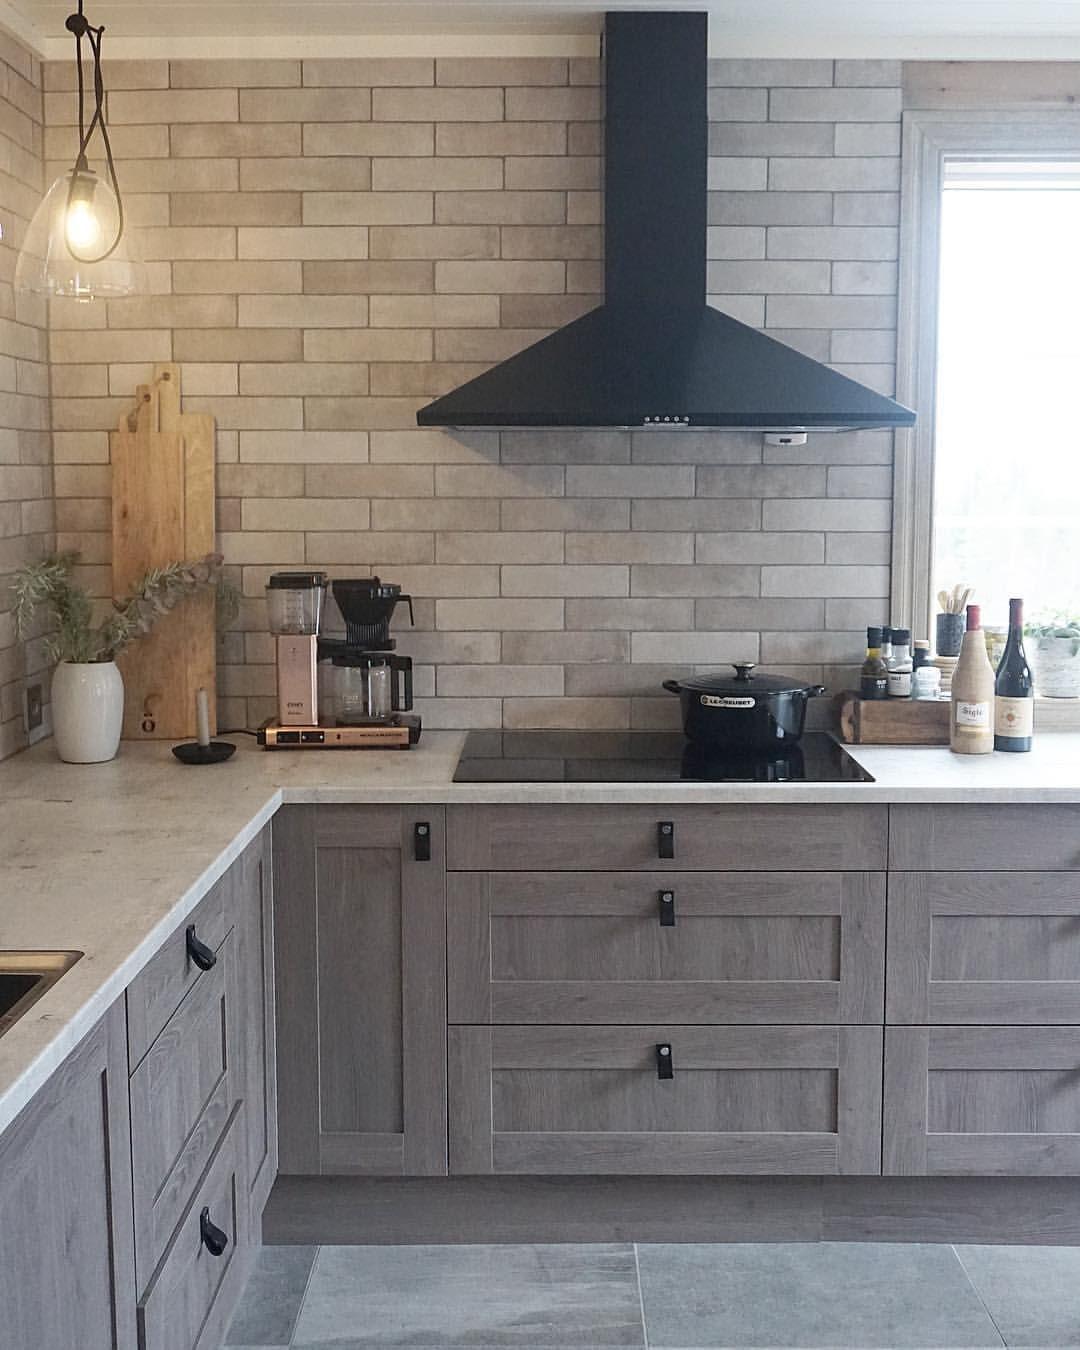 Cabin kitchen nydelig med h stferie og litt ekstra tid p dette kj kkenet kan ikke skryte p - Kuchenfliesen landhaus ...